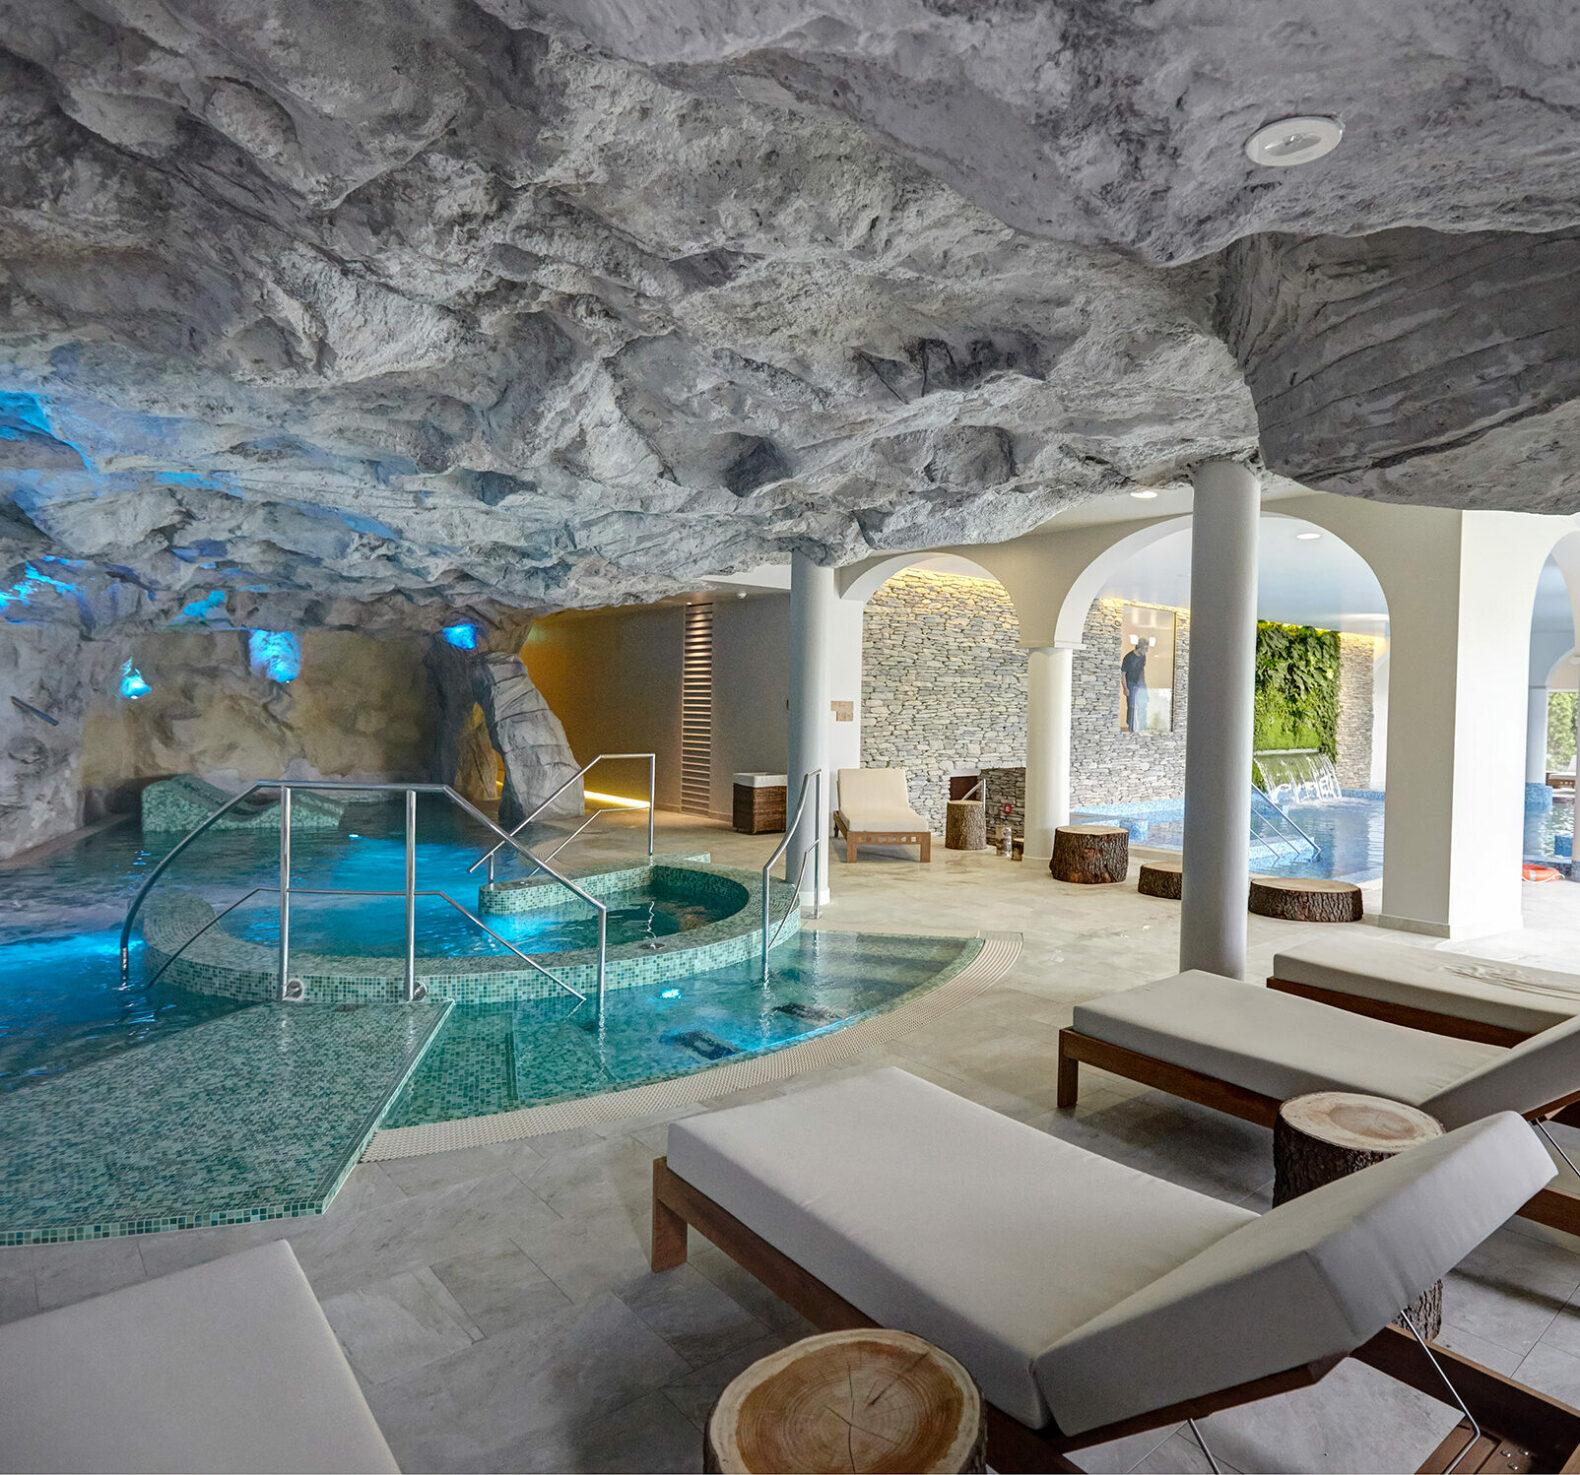 kurhaus_cademario_hotel_Spa_Saline-contrast bath_indoor_relaxing_area_saltstone_cleanair